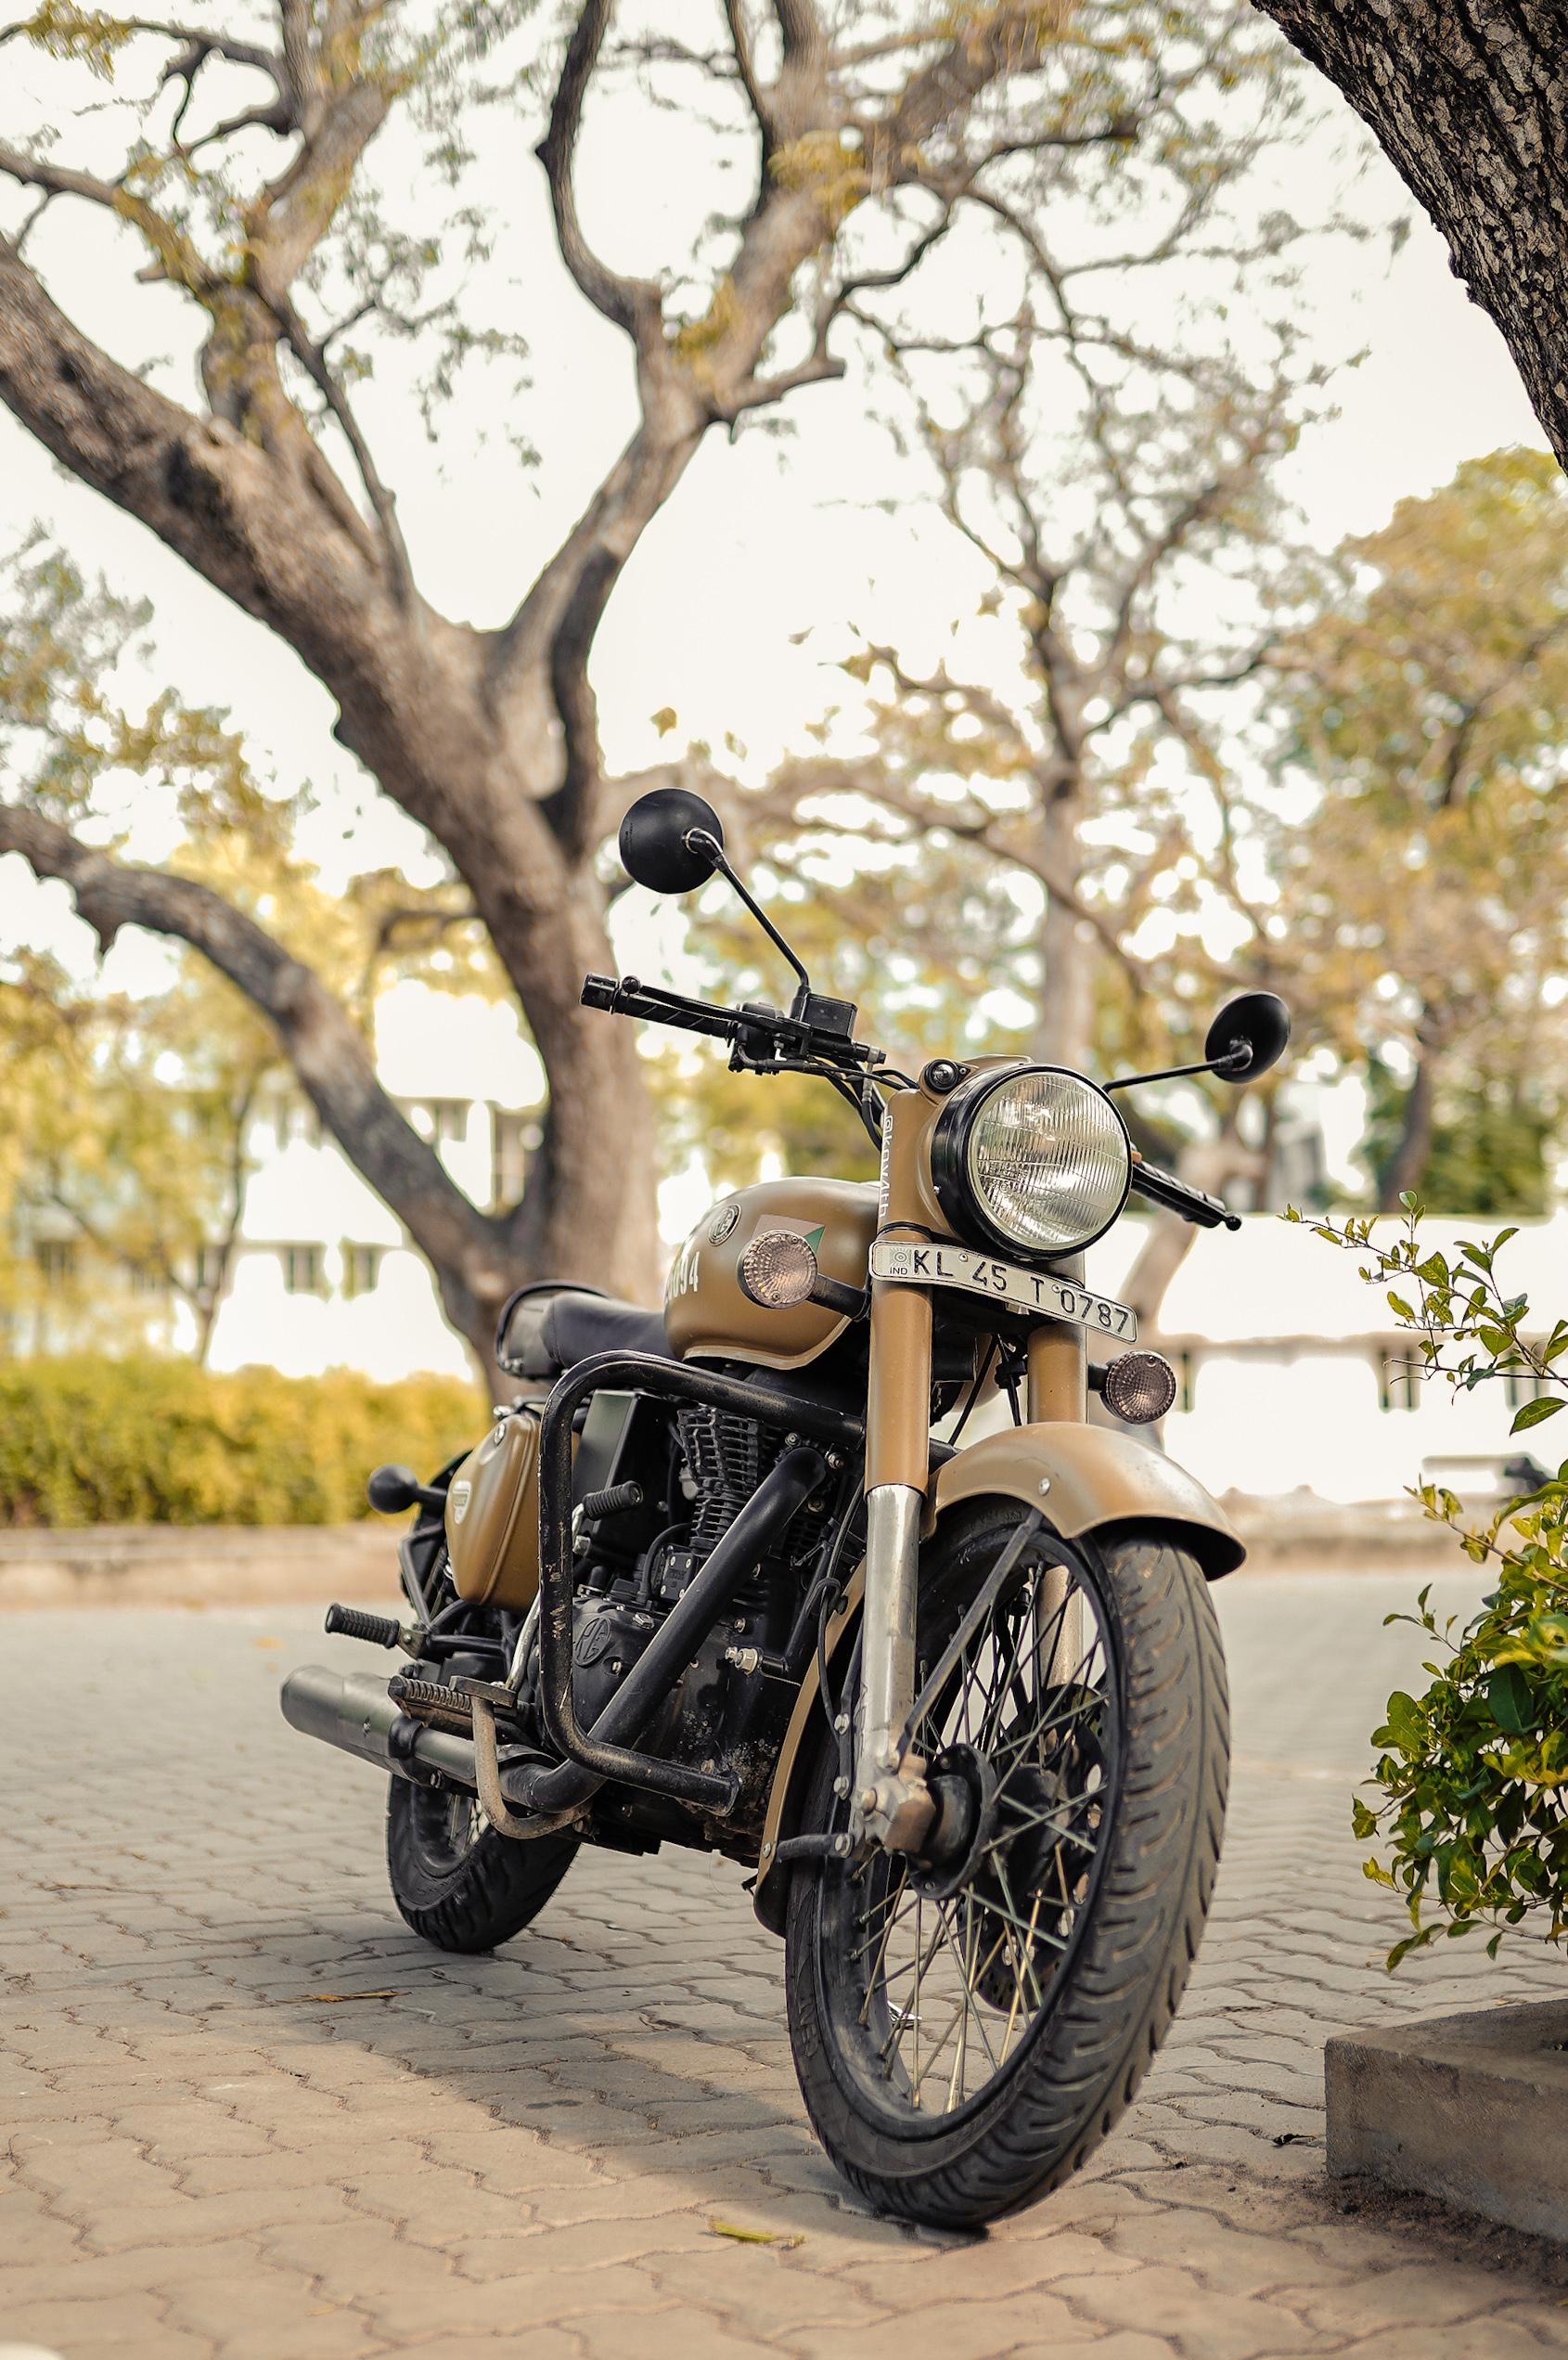 A motor bike